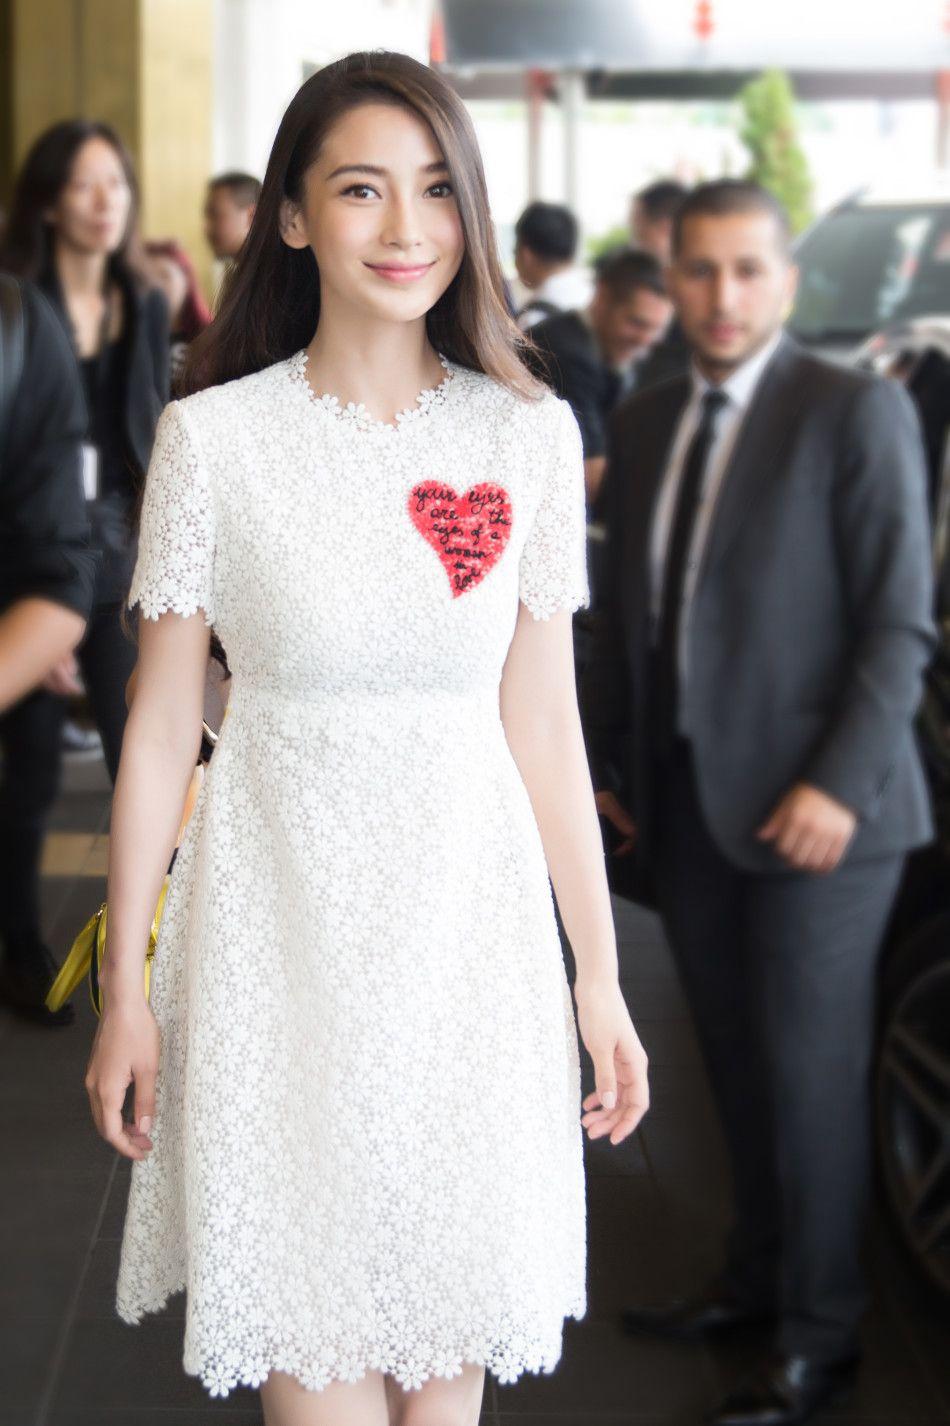 新浪娱乐讯 5月14日,戛纳电影节举办电影《寻龙诀》发布会,baby白衣淡雅亮相。